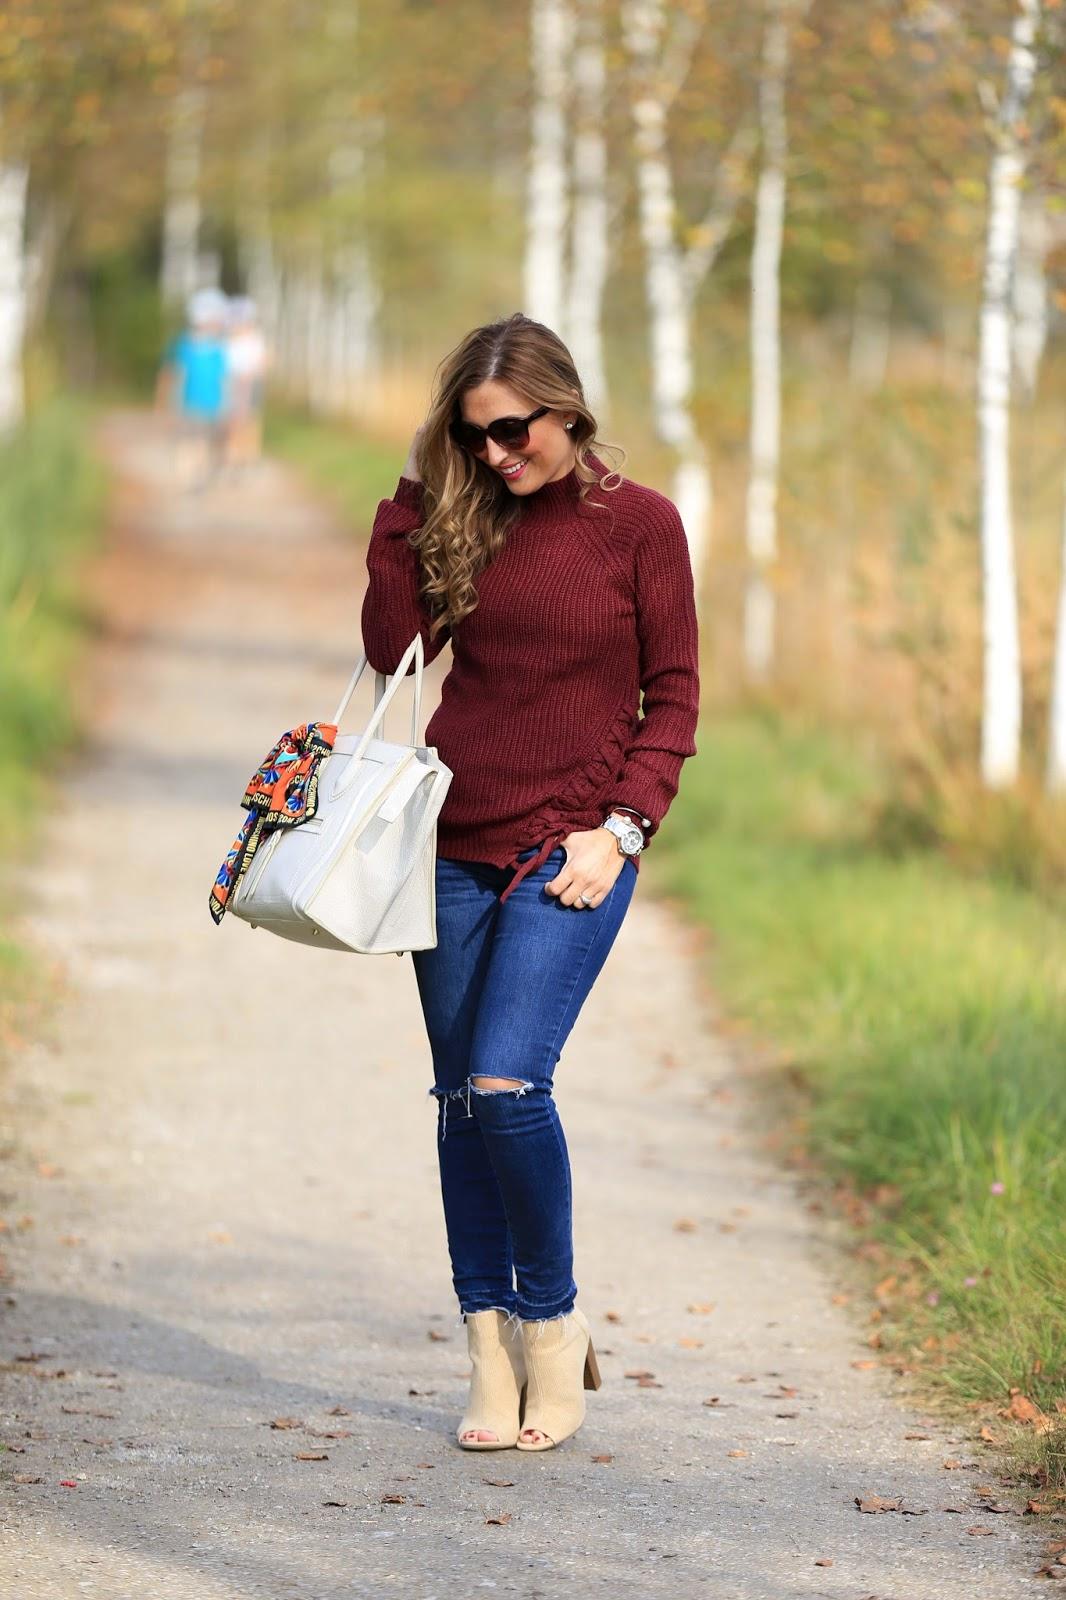 My Colloseum - Herbstlook - Fashionstylebyjohanna - Musthaves im Herbst - Bordeaux - Beige- Pulloiver in Bordeaux - Bordeaux Bloggerpulli - Was ziehe ich im Herbst an- Fashionstylebyjohanna- Fashionblogger aus Deutschland -